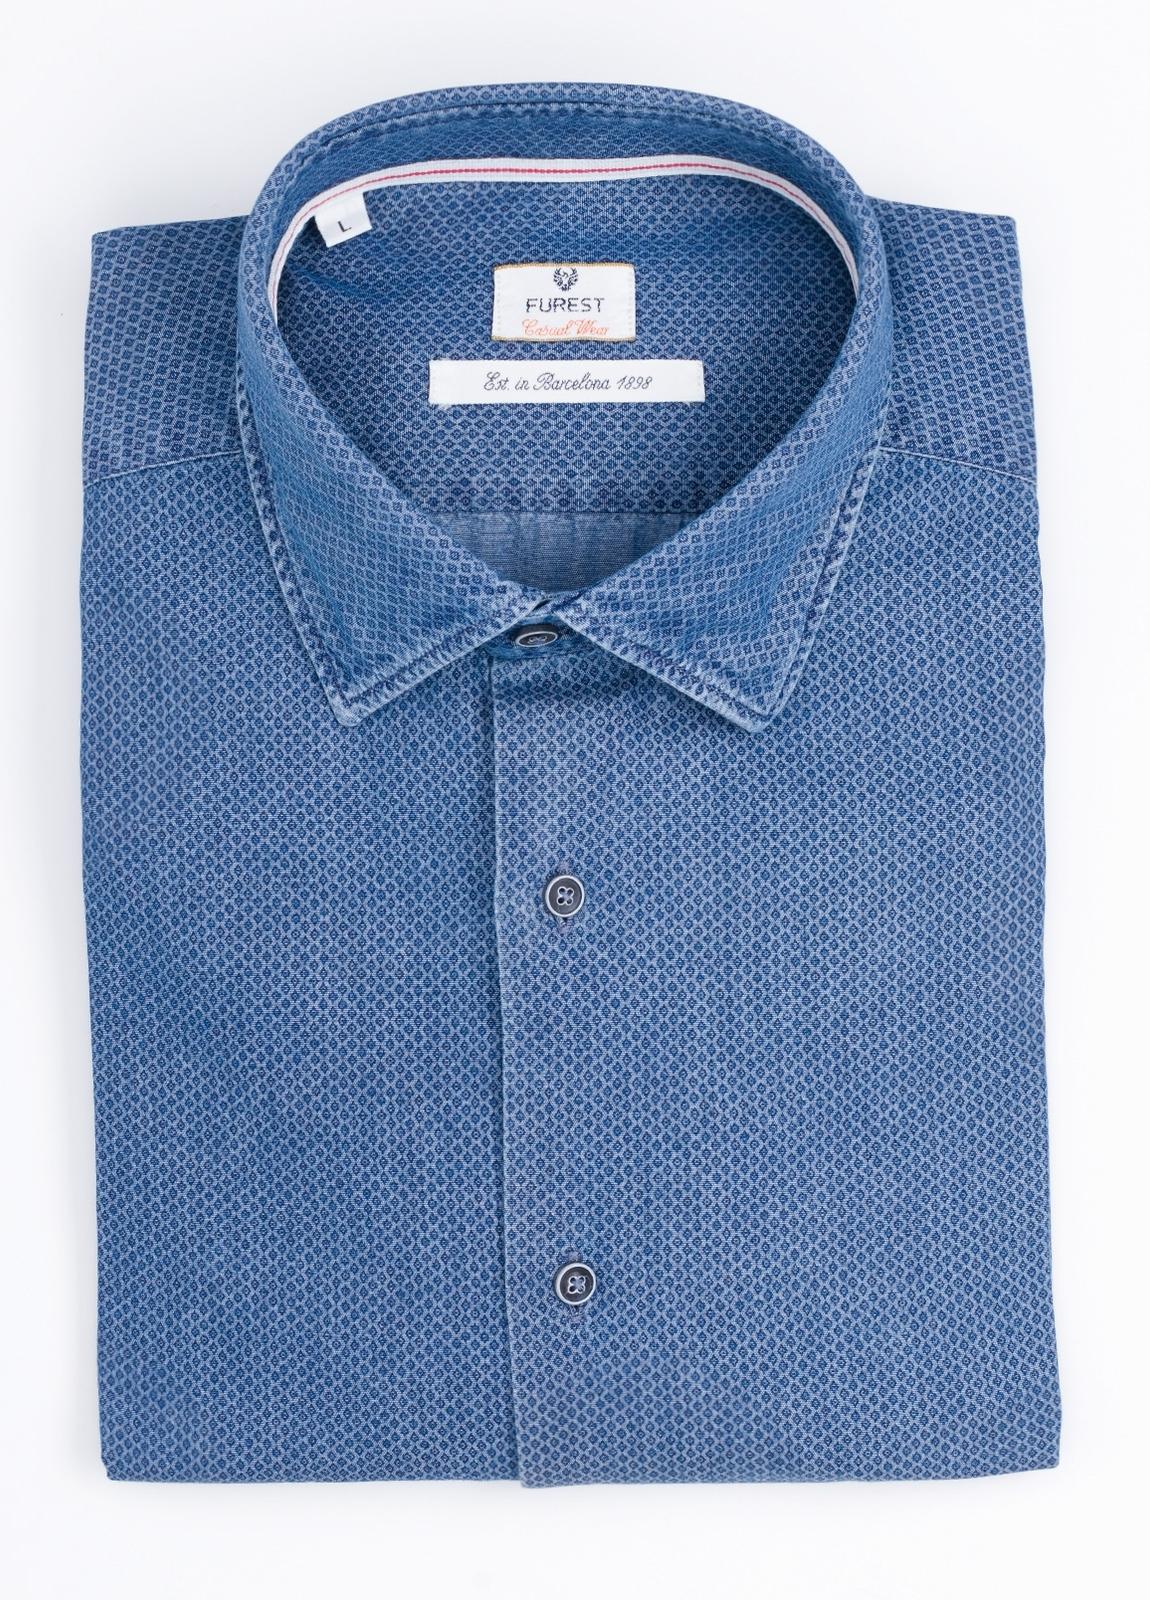 Camisa Casual Wear SLIM FIT Modelo PORTO microdibujo color azul denim. 100% Algodón.